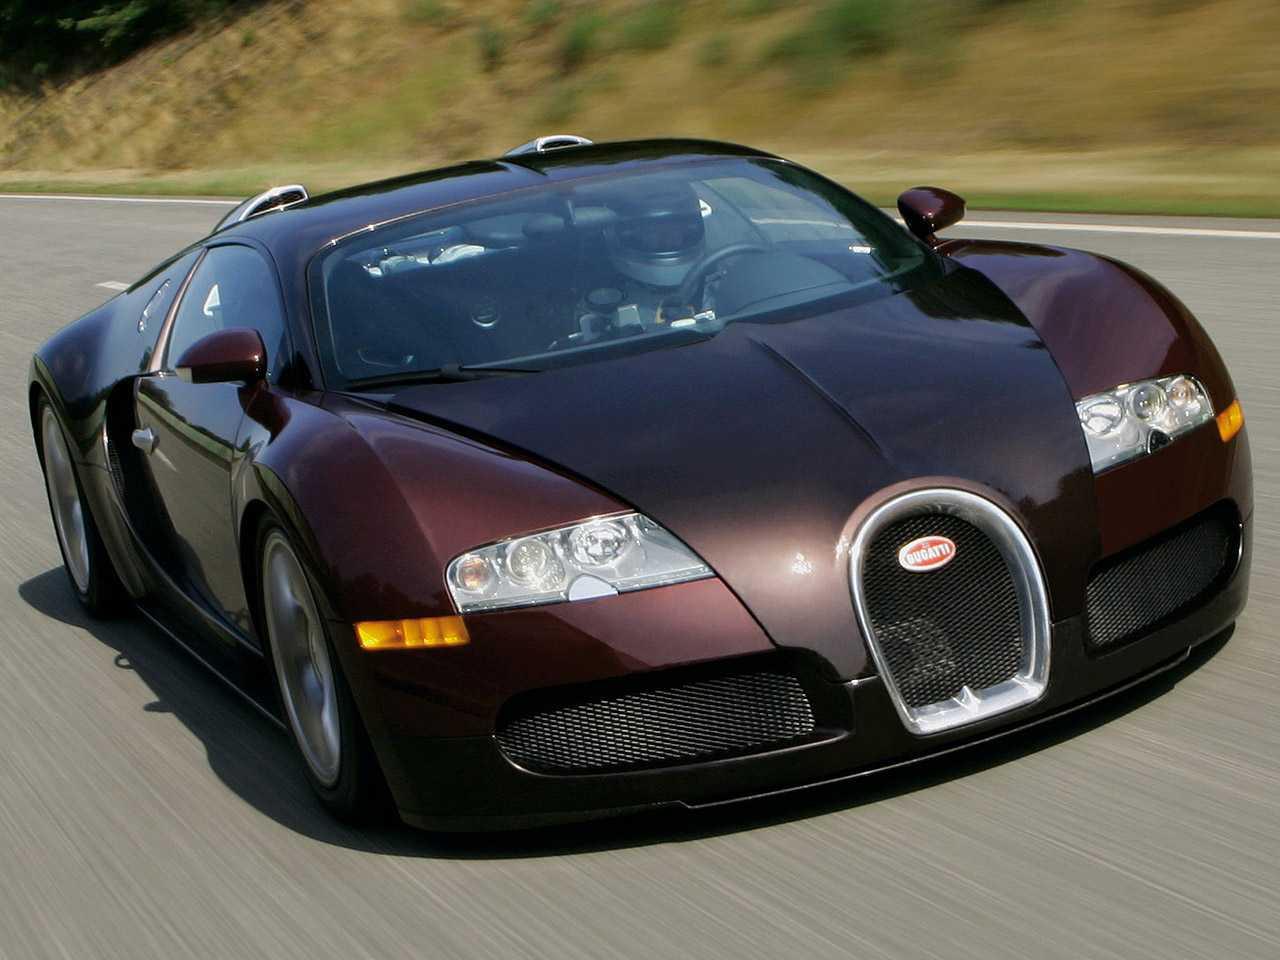 Veyron 16.4: há 15 anos, modelo tornou-se o primeiro carro a ultrapassar a barreira dos 400 km/h